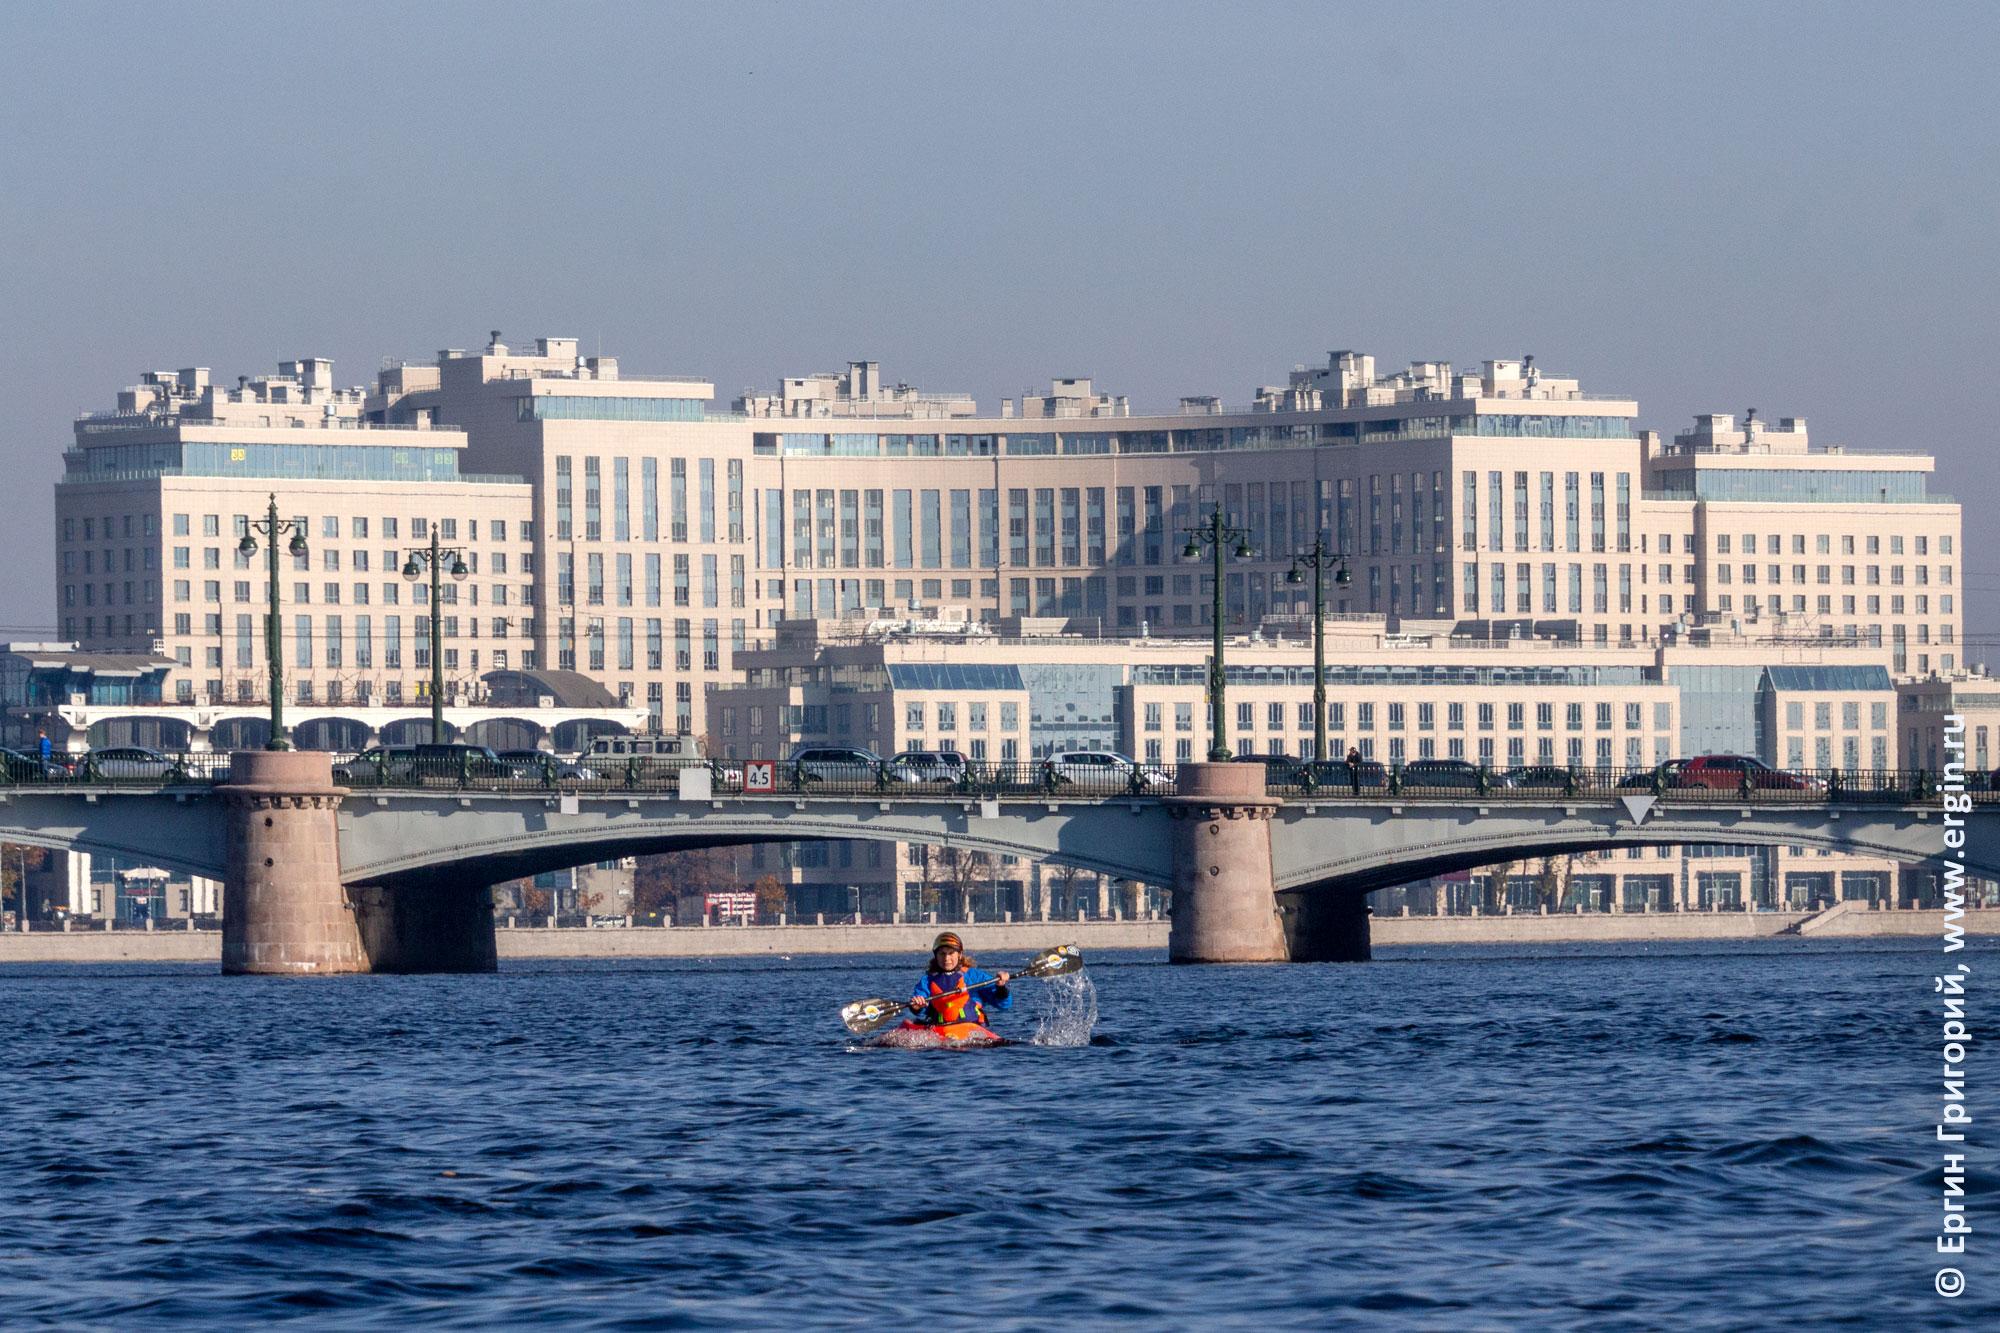 Санкт-Петербург городской каякинг на Неве